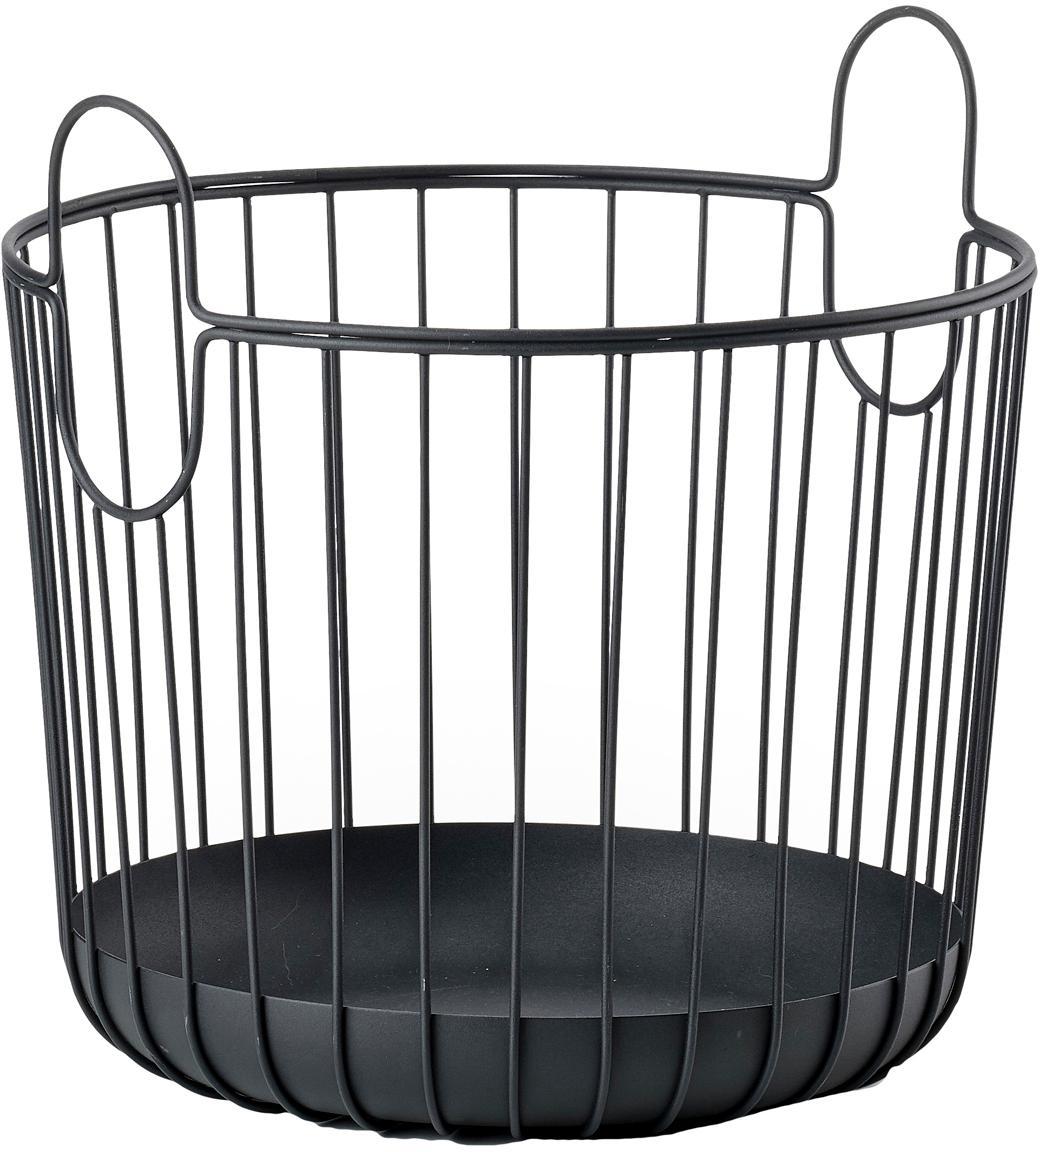 Aufbewahrungskorb Ina, Metall, Schwarz, Ø 30 x H 31 cm